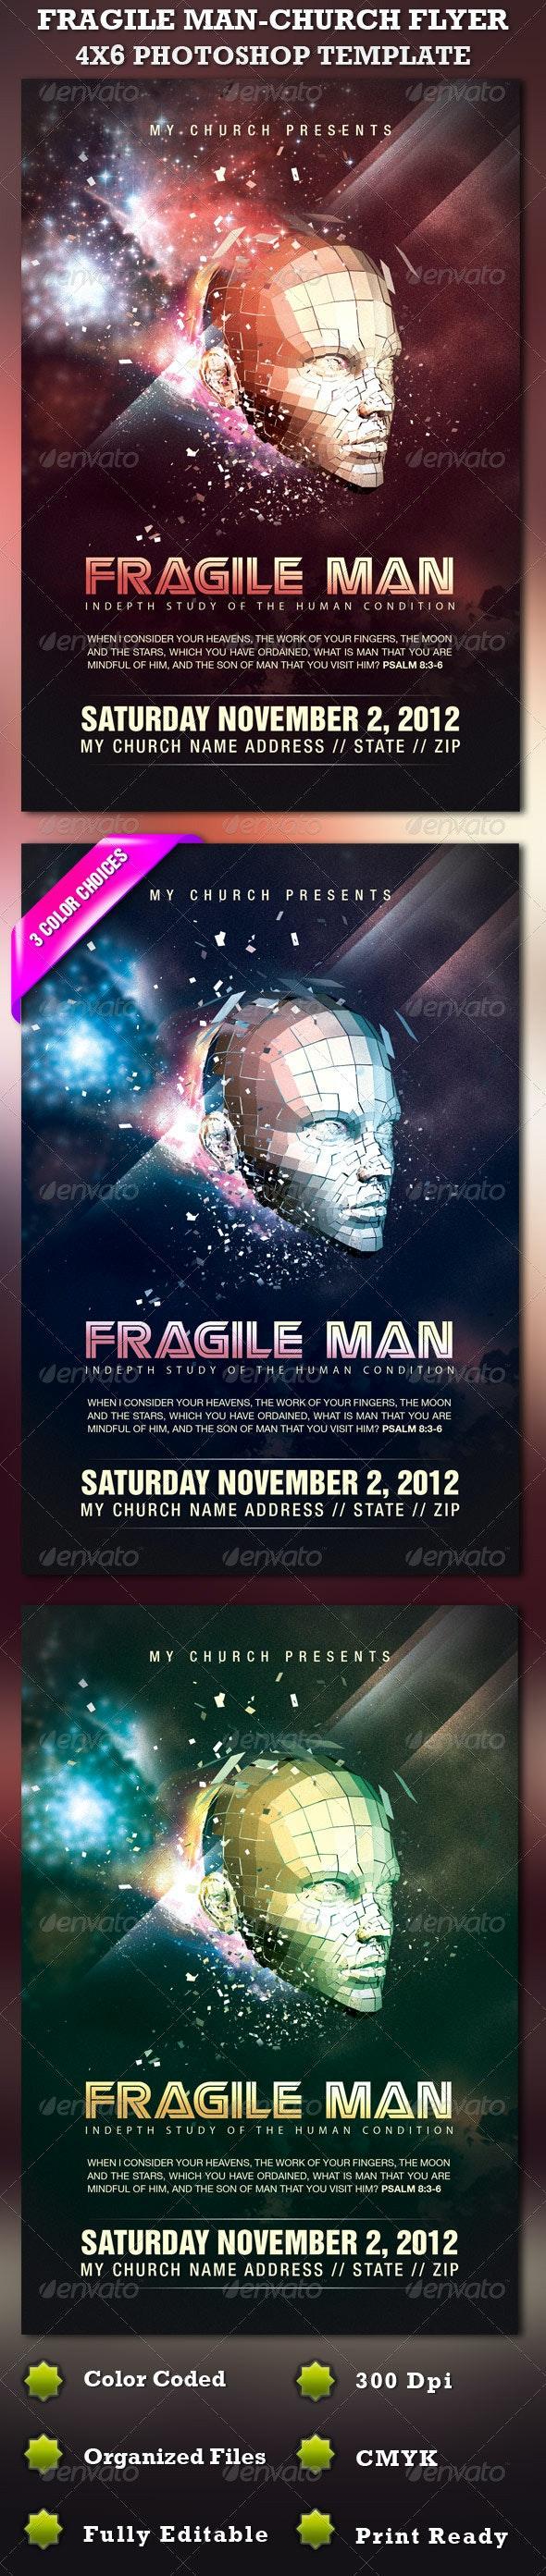 Fragile Man-Church Flyer Template - Church Flyers